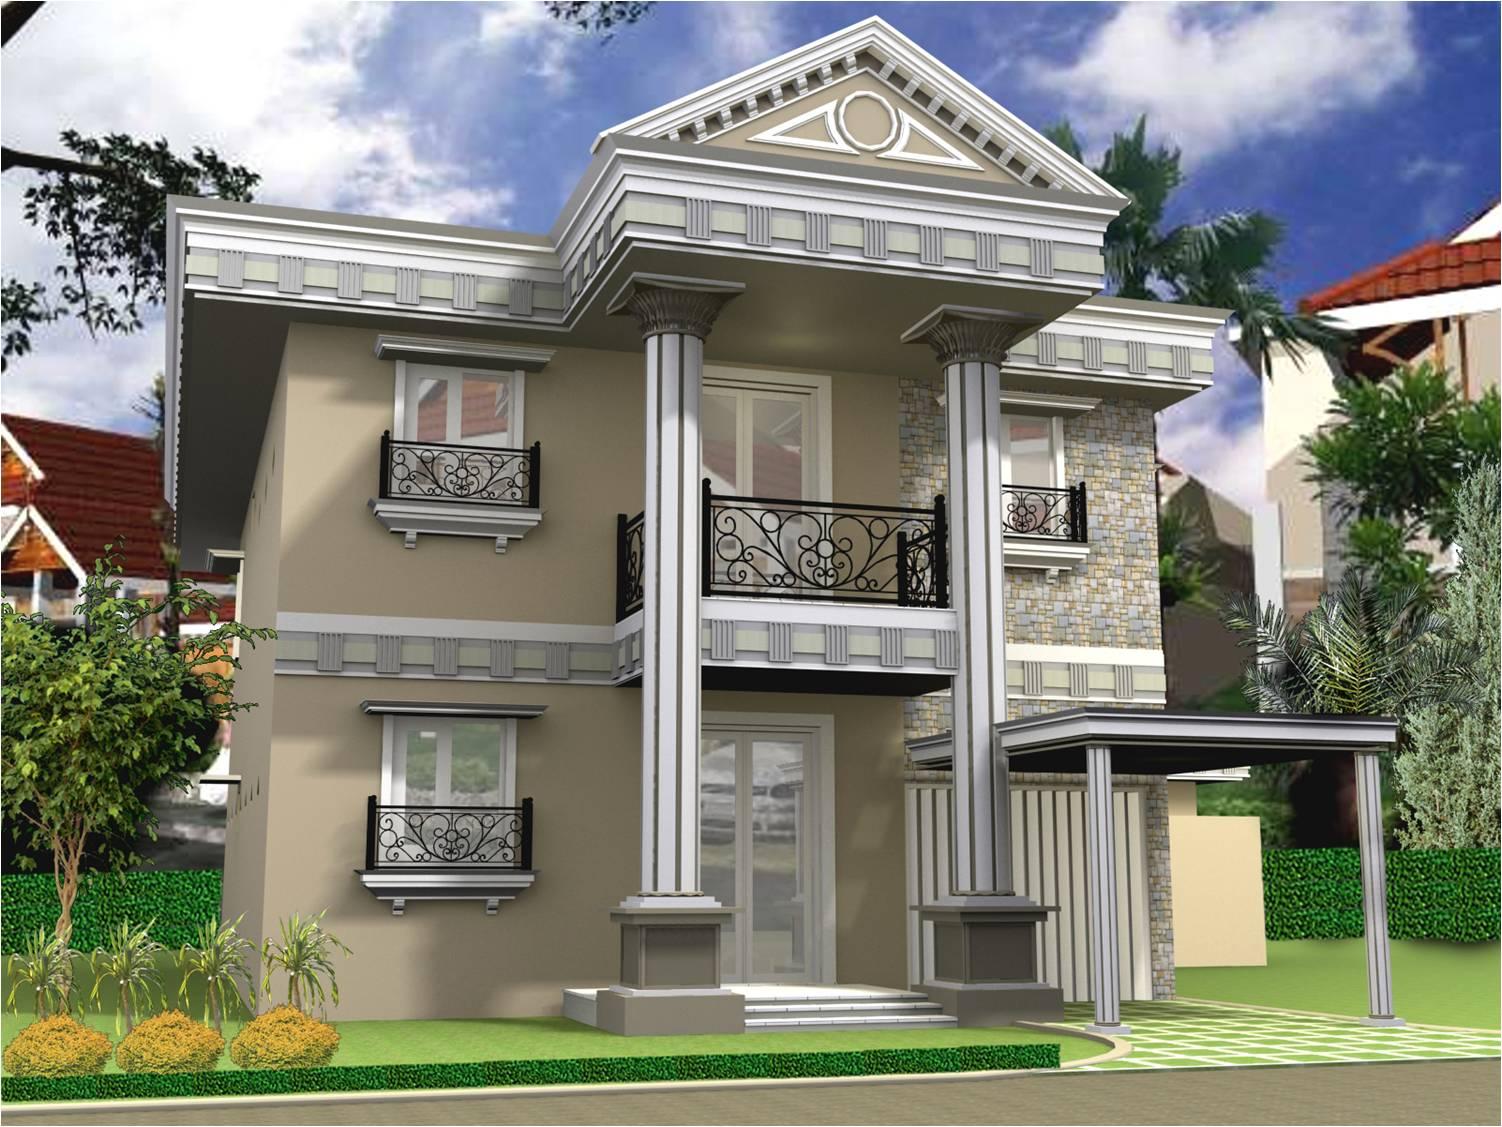 10 Desain Rumah 2 Lantai Modern Elegan, Unik! | Model ...